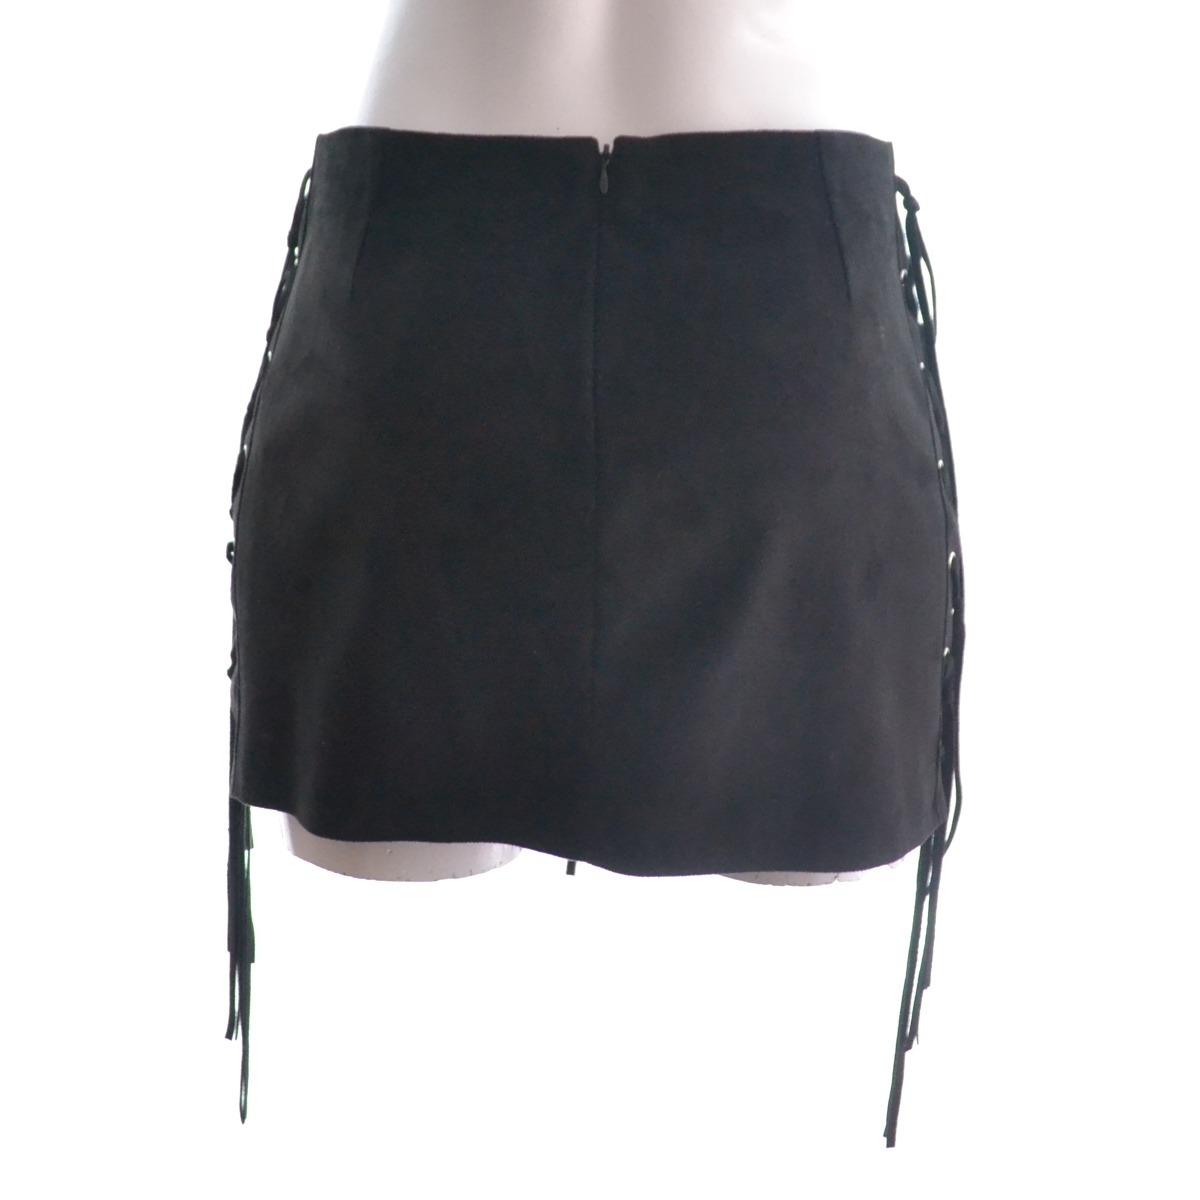 69a8d7bac Zara Woman Mini Falda Negra Tipo Gamusa Xs Msrp$500 - $ 332.00